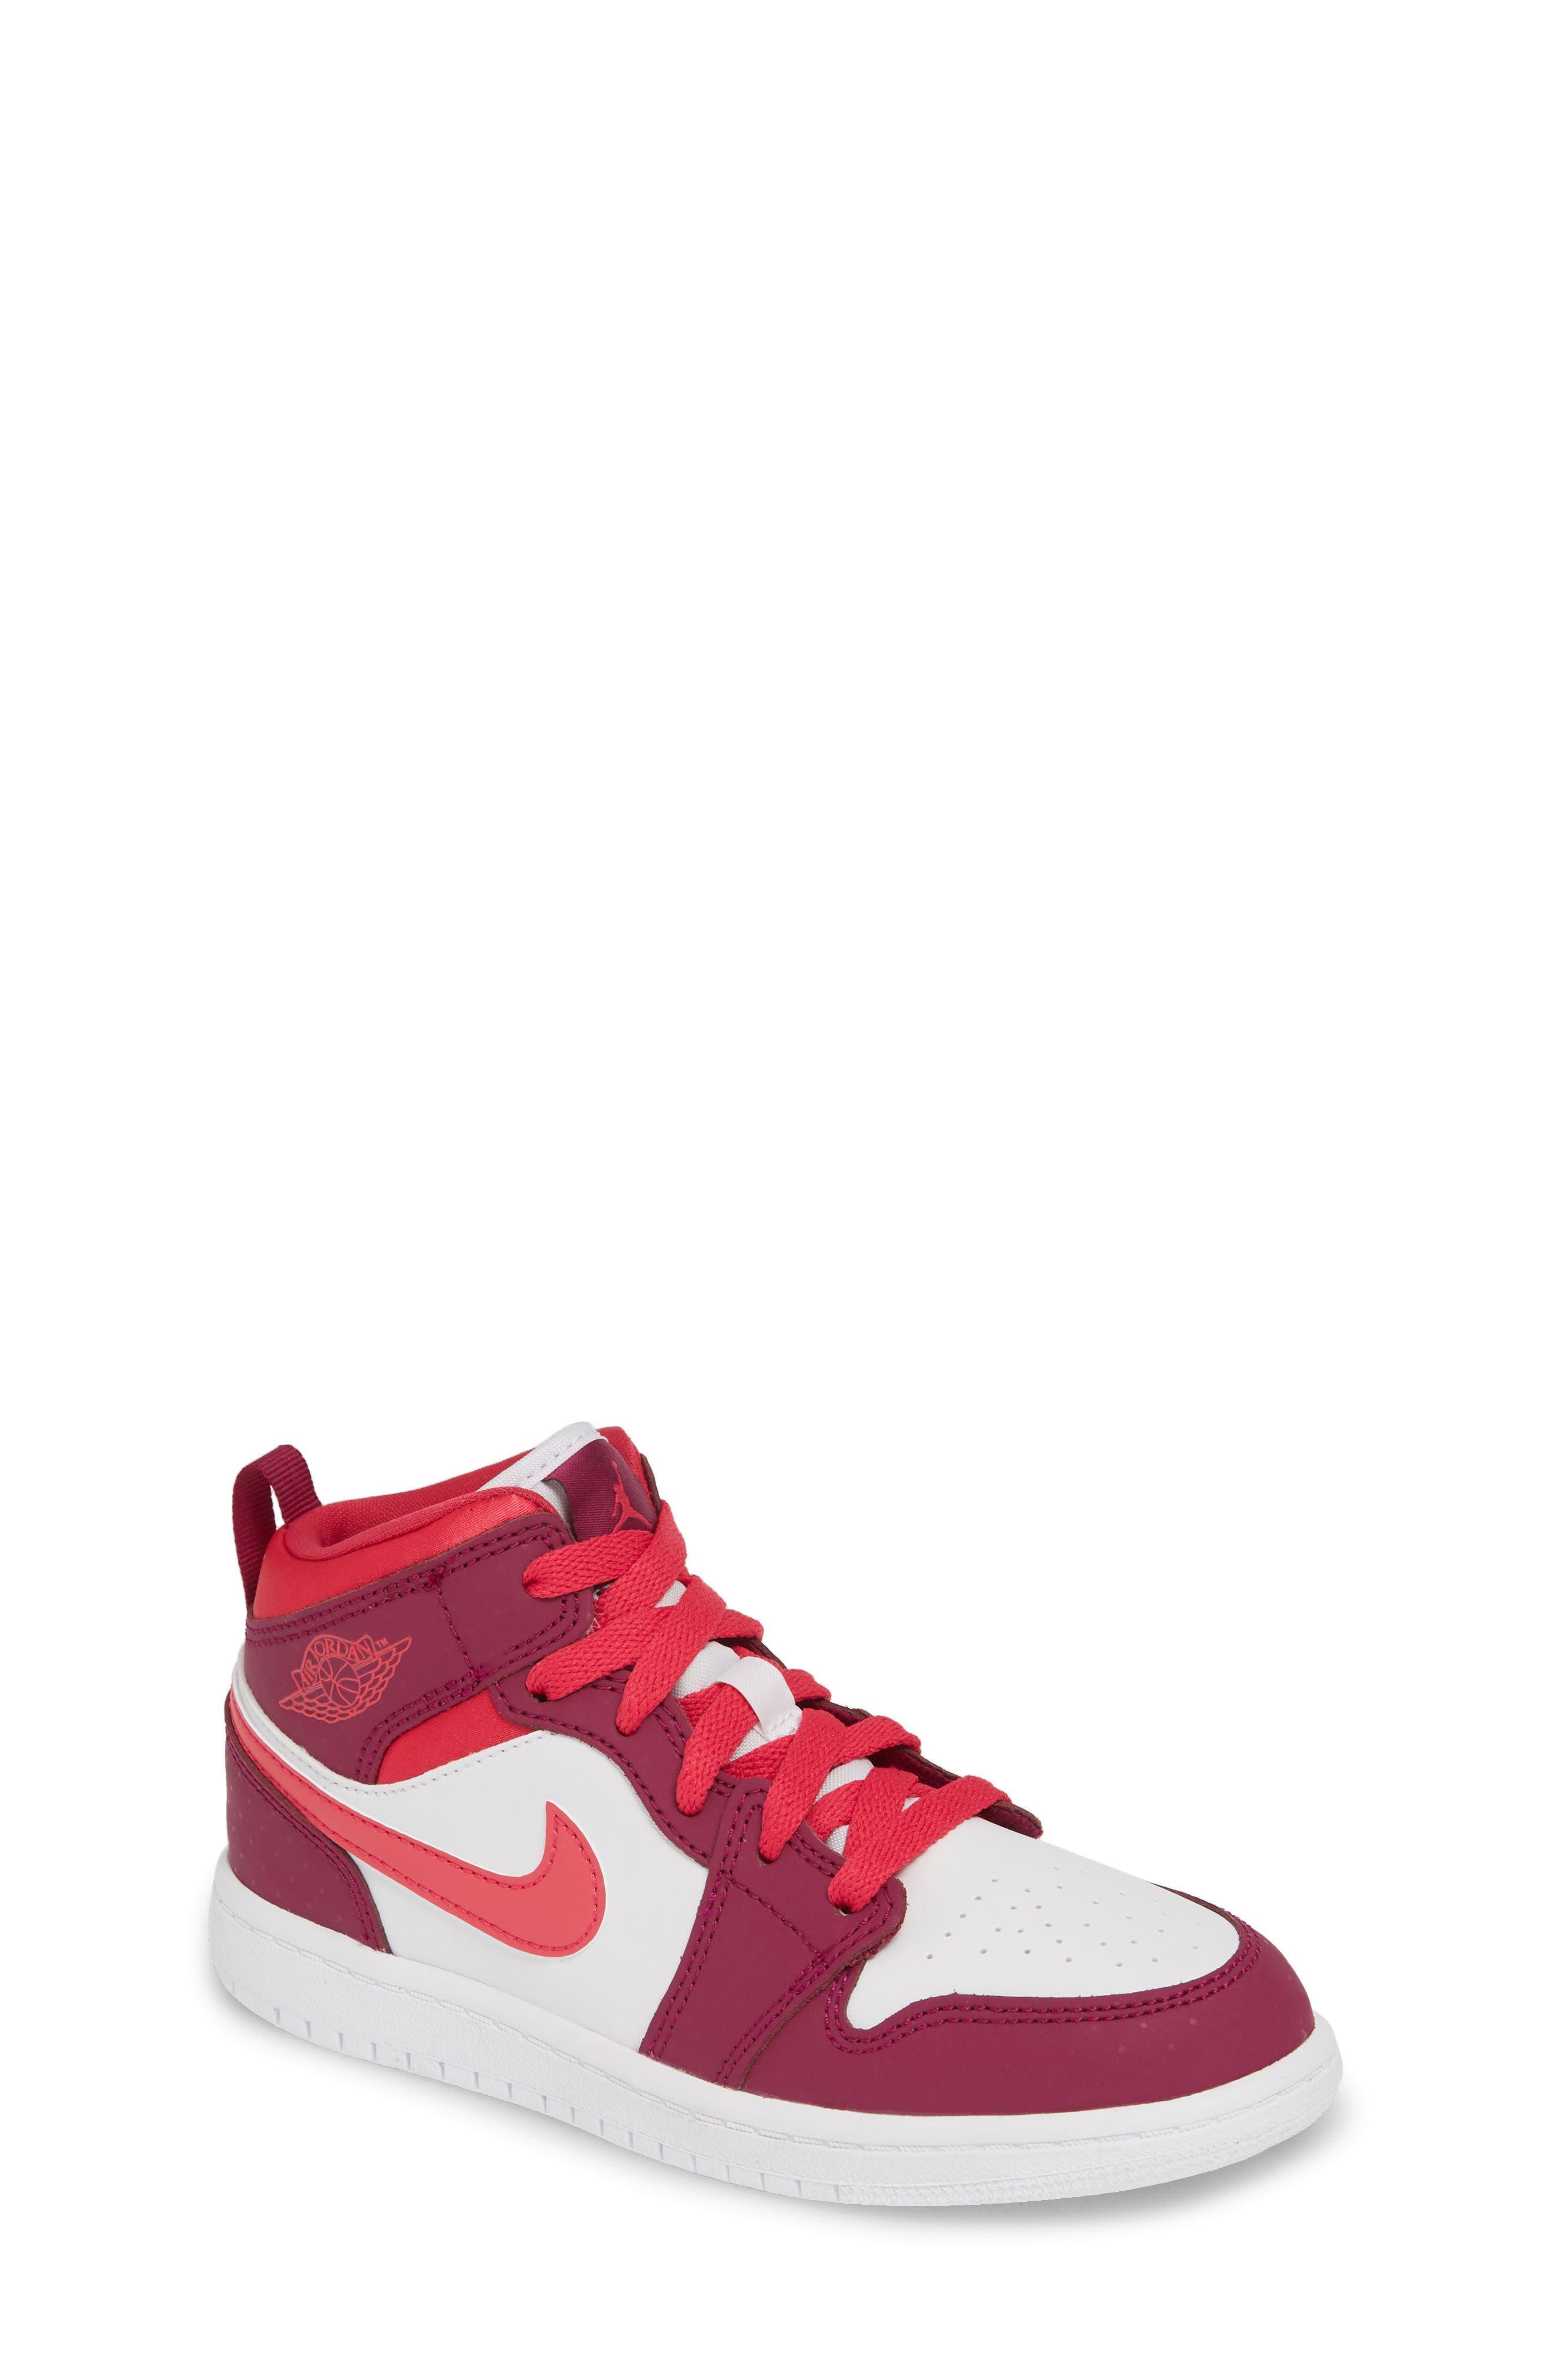 Toddler Nike Jordan 1 Mid Basketball Shoe Size 15 M  Pink